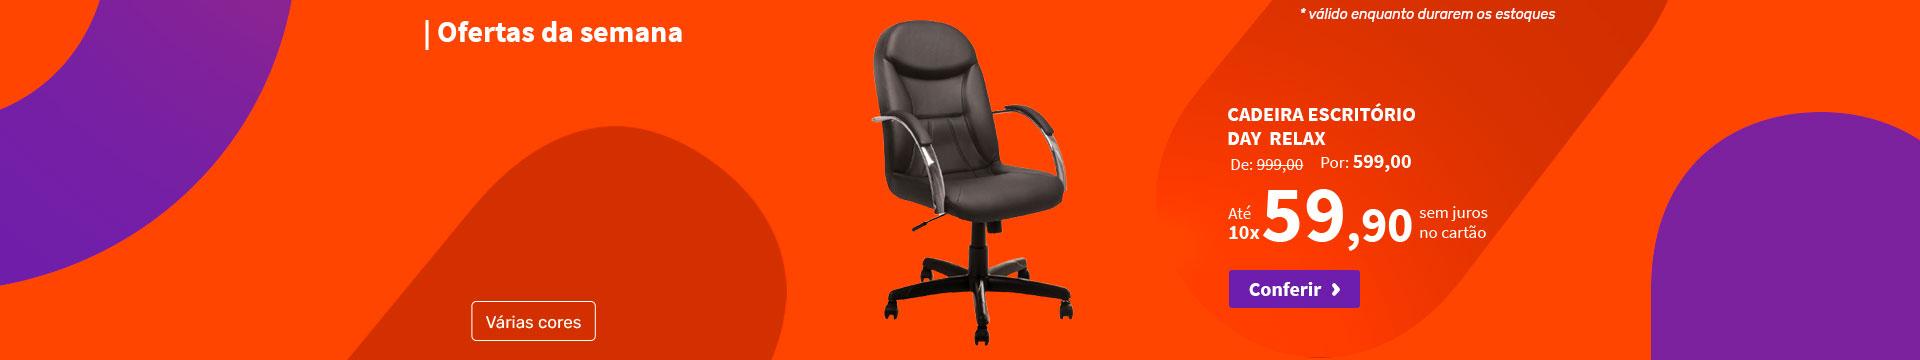 Cadeira Escritório Day  Relax - Ofertas da semana